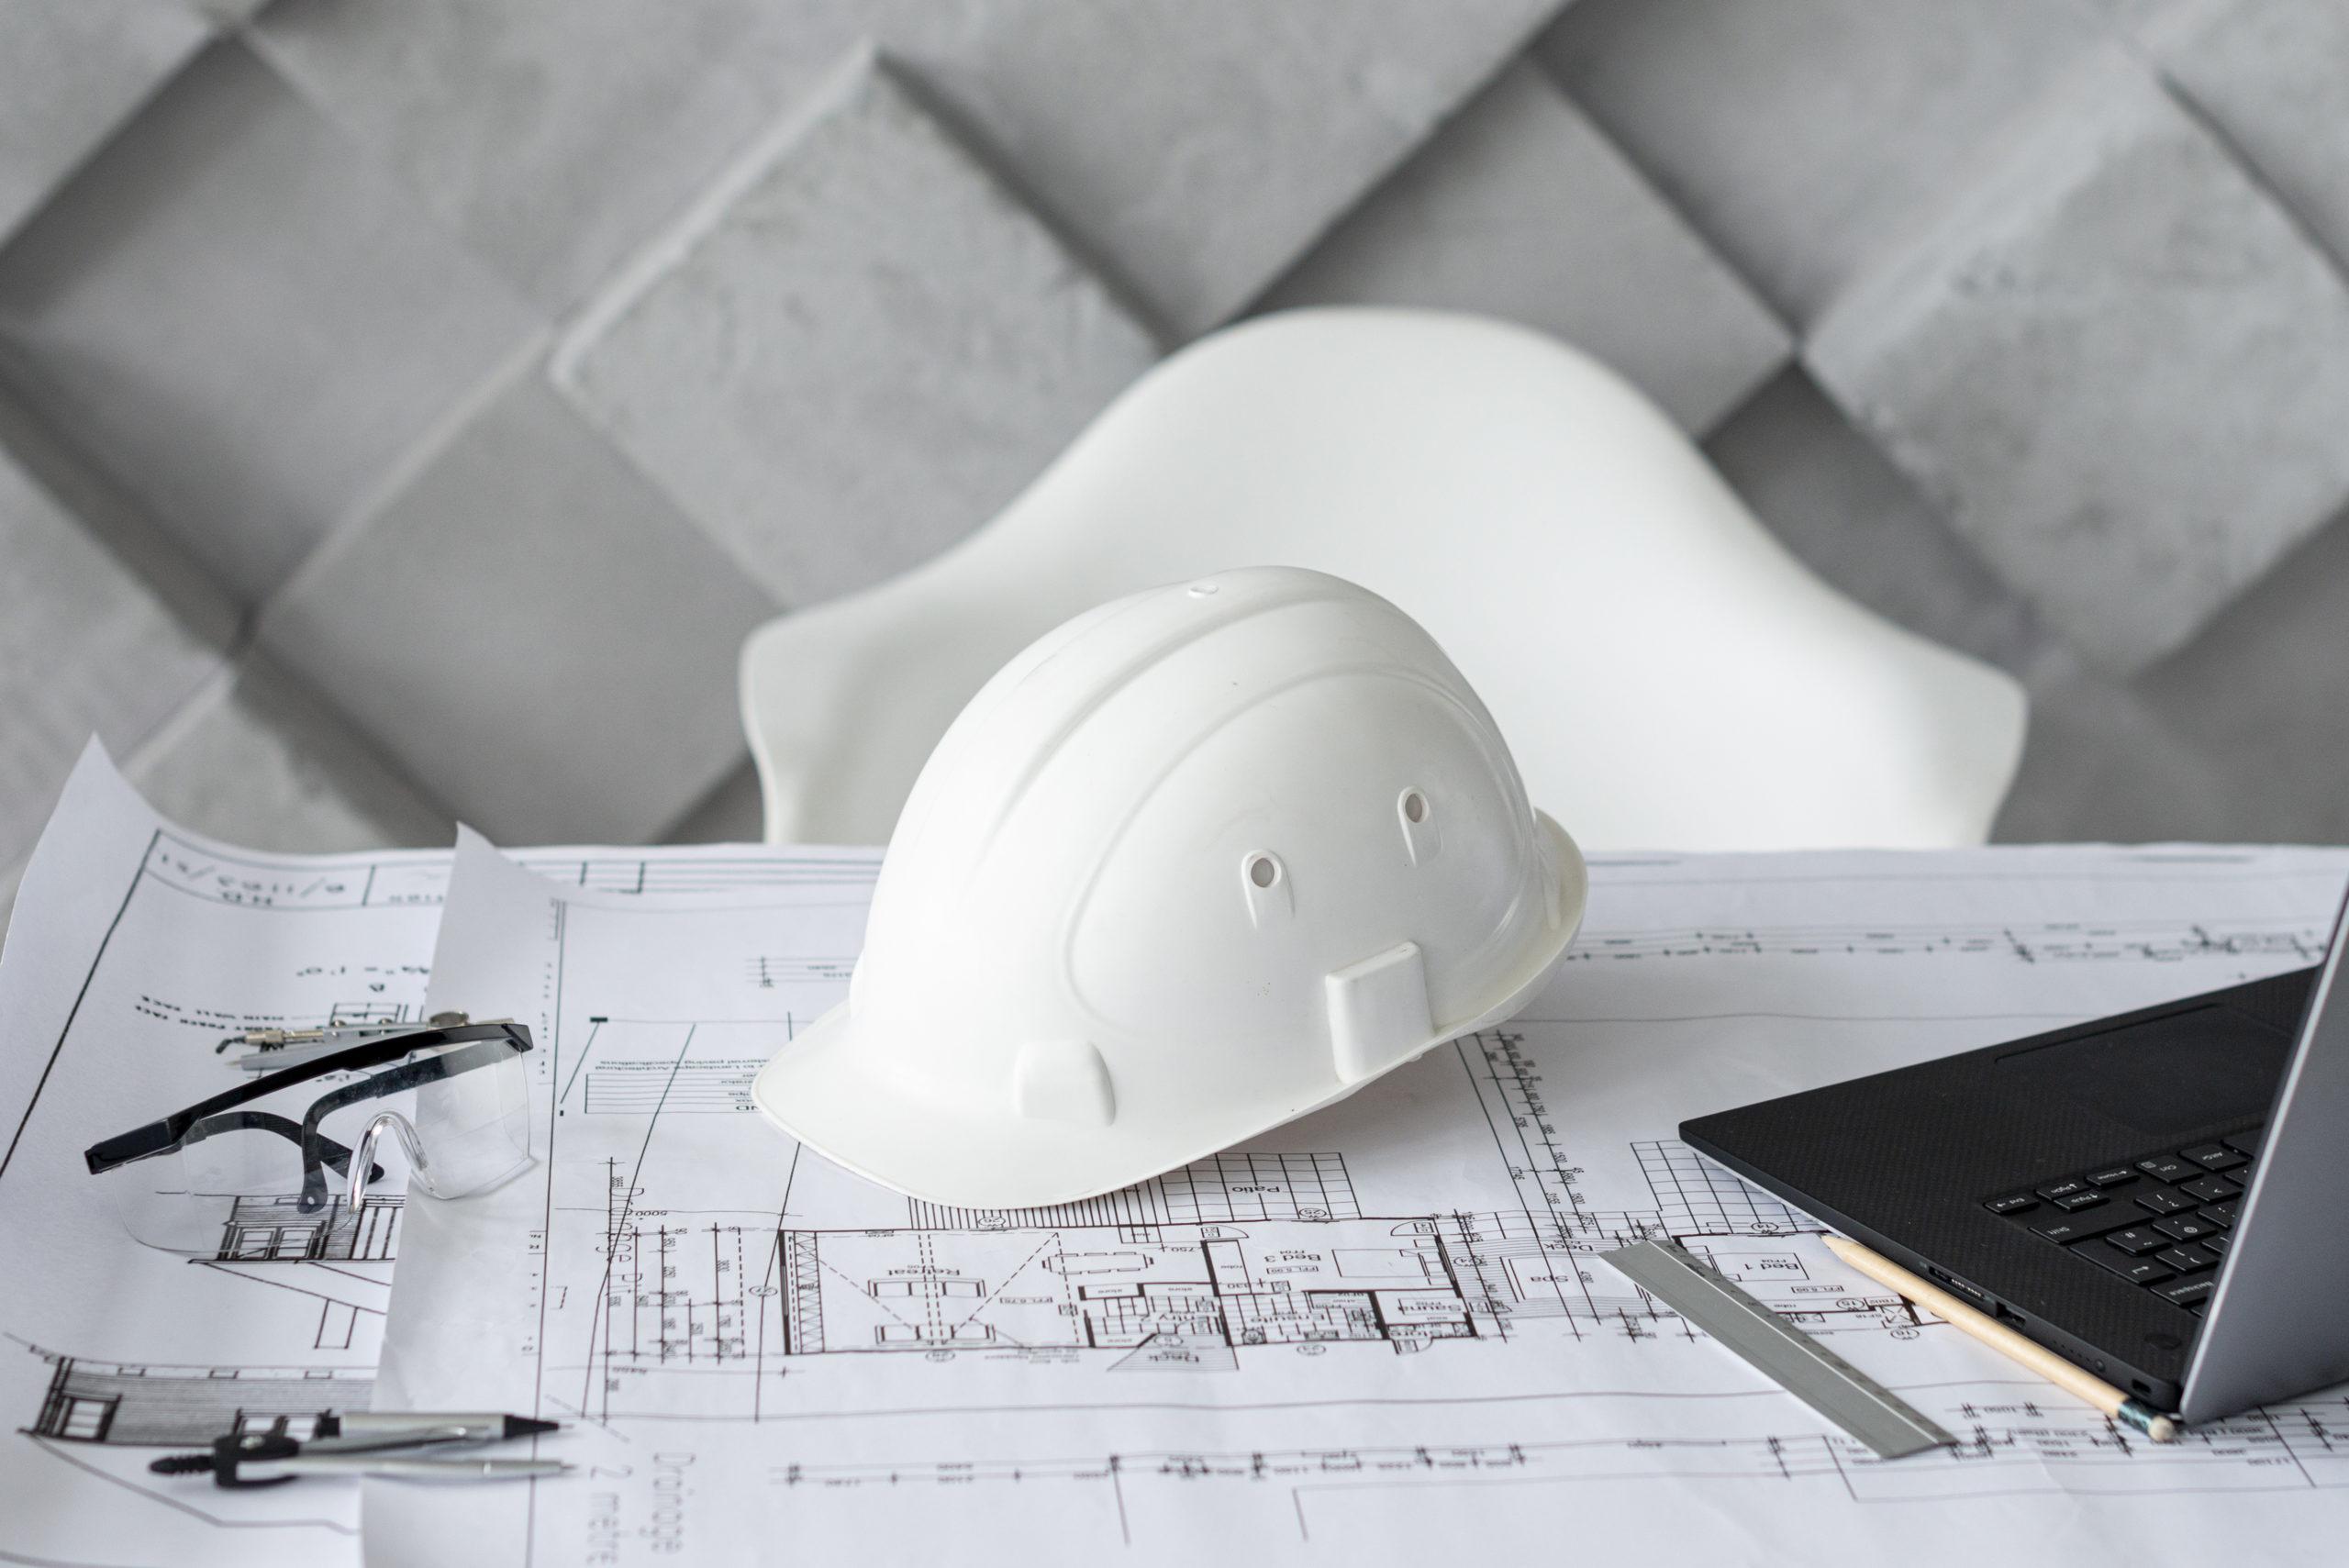 Thủ tục chứng chỉ năng lực xây dựng hạng 2, 3 theo nghị định 100/2018